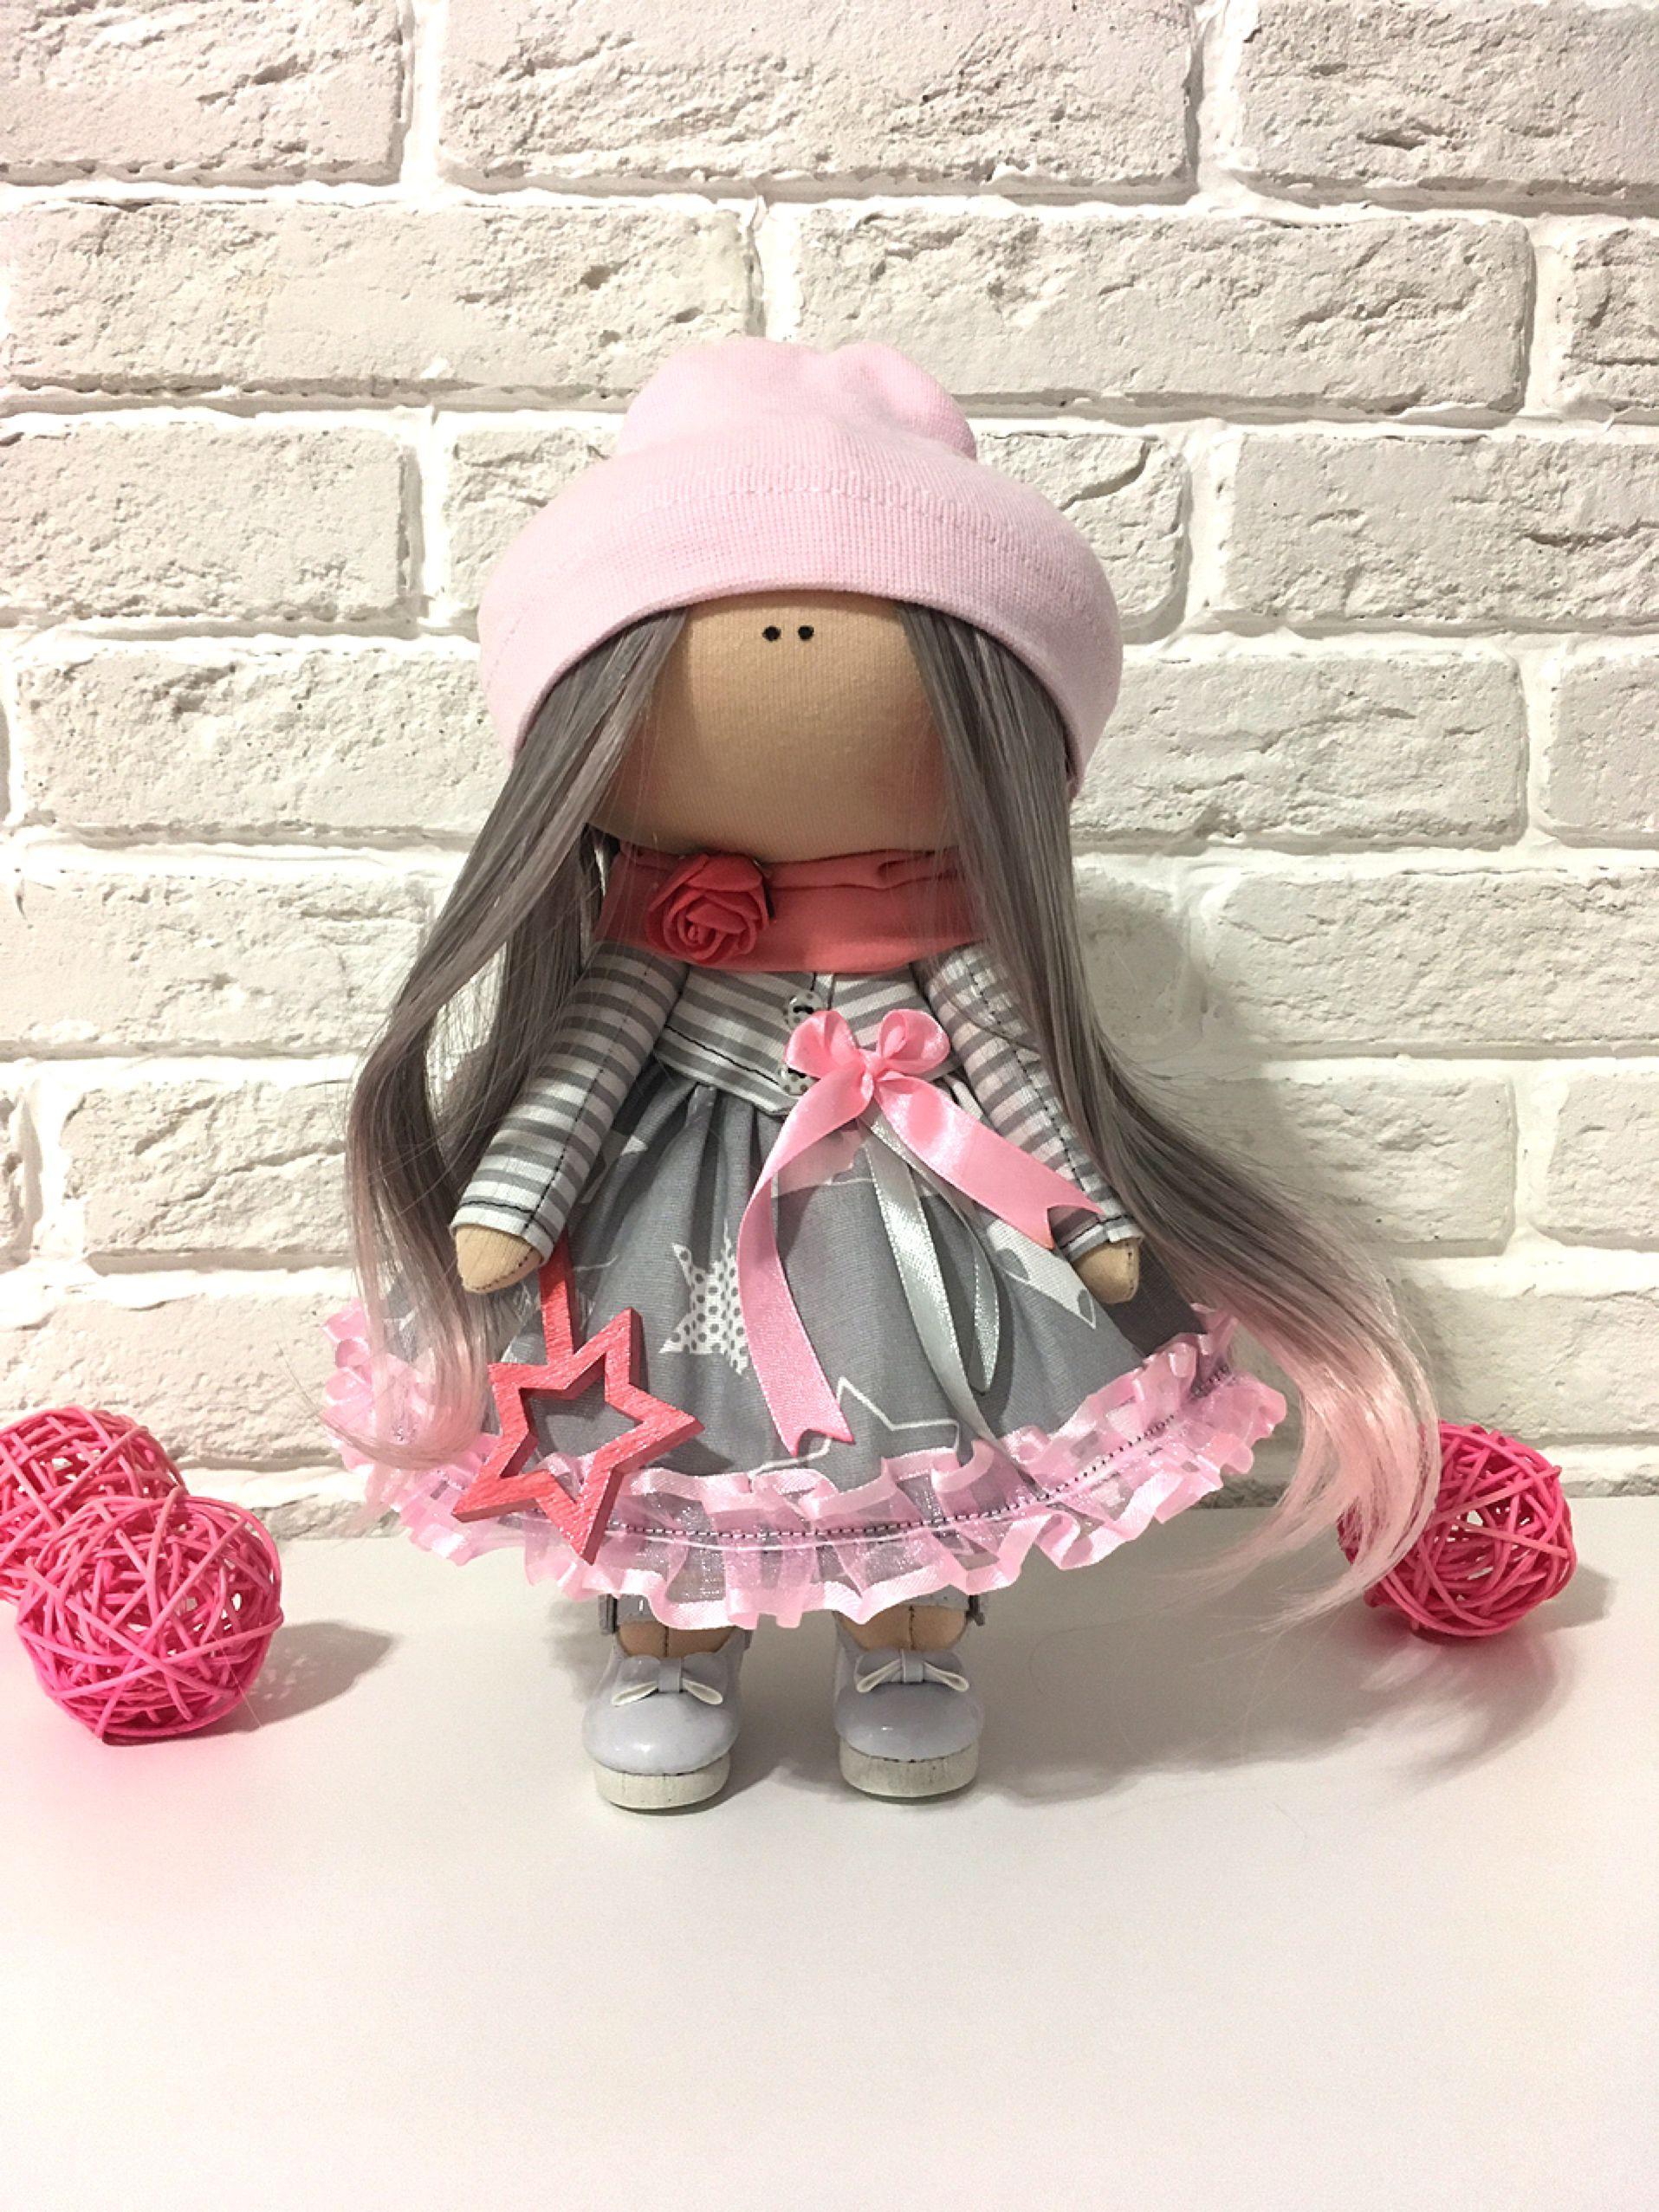 подарок кукла длядома декор декора куколкадля интерьер куколка тыквоголовка куклы презент